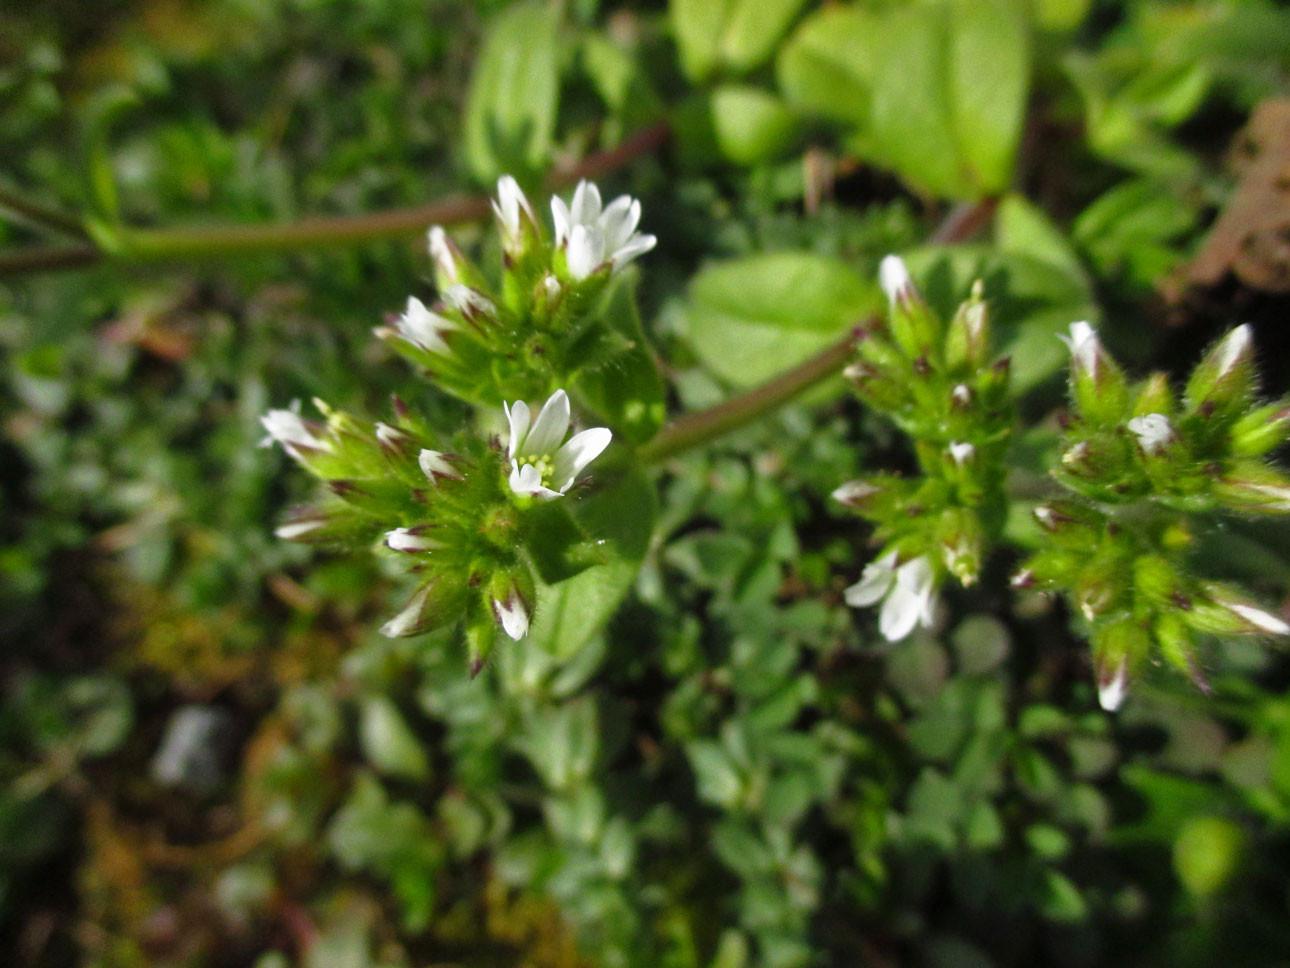 Knäuel-Hornkraut (Cerastium glomeratum) | Familie: Nelkengewächse (Caryophyllaceae)